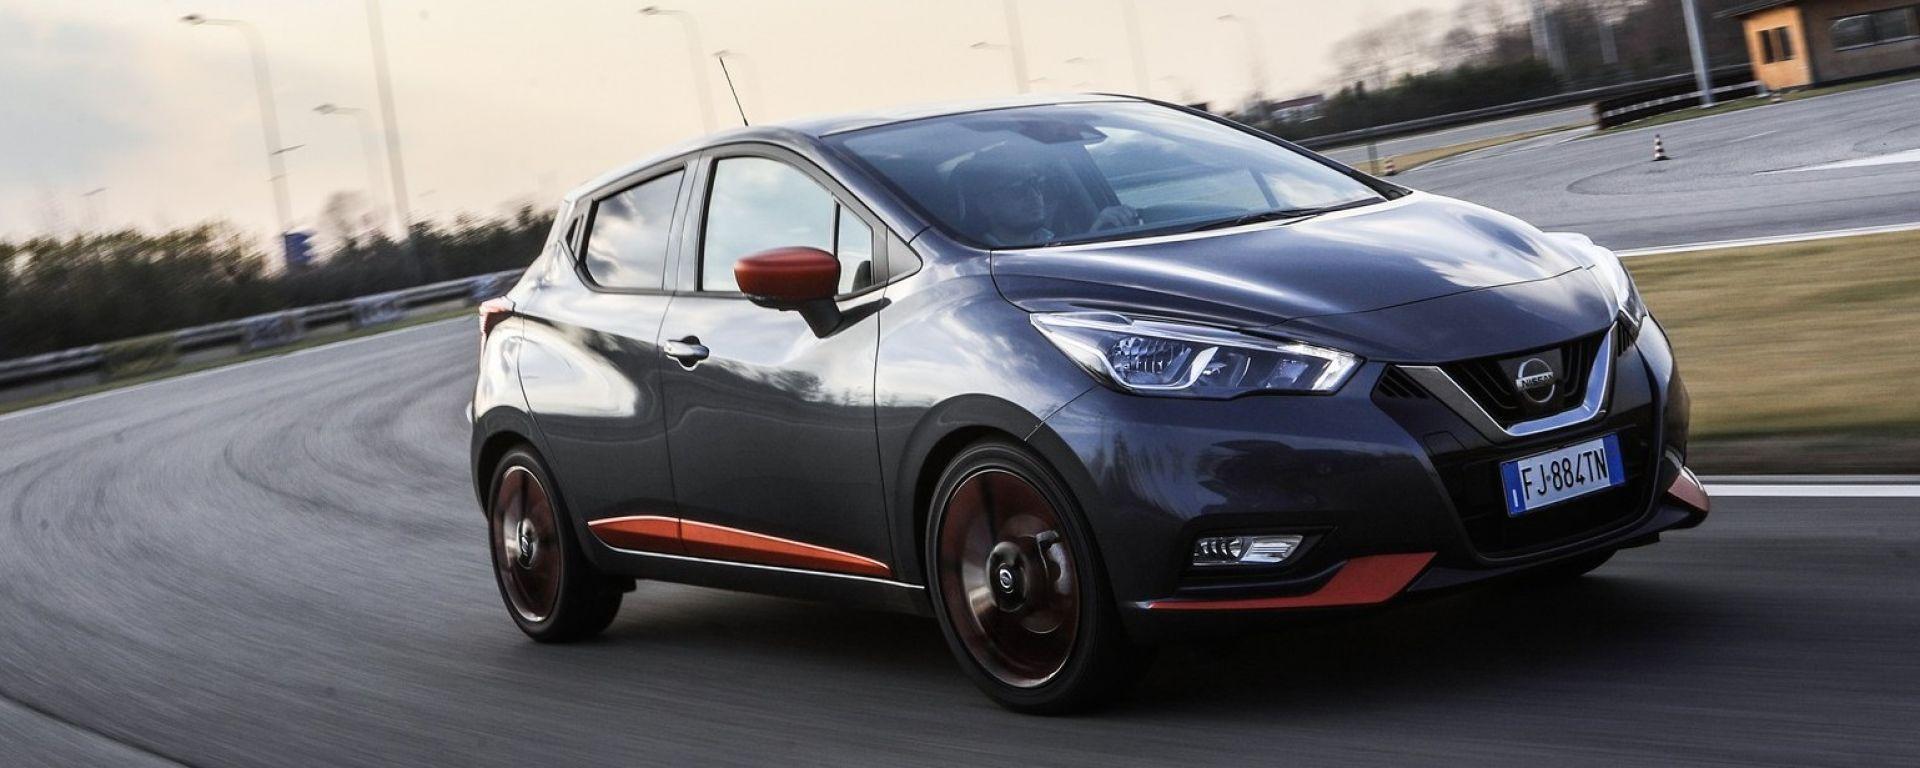 Nissan Micra 2017 Tekna diesel: prova, prezzo, consumi ...